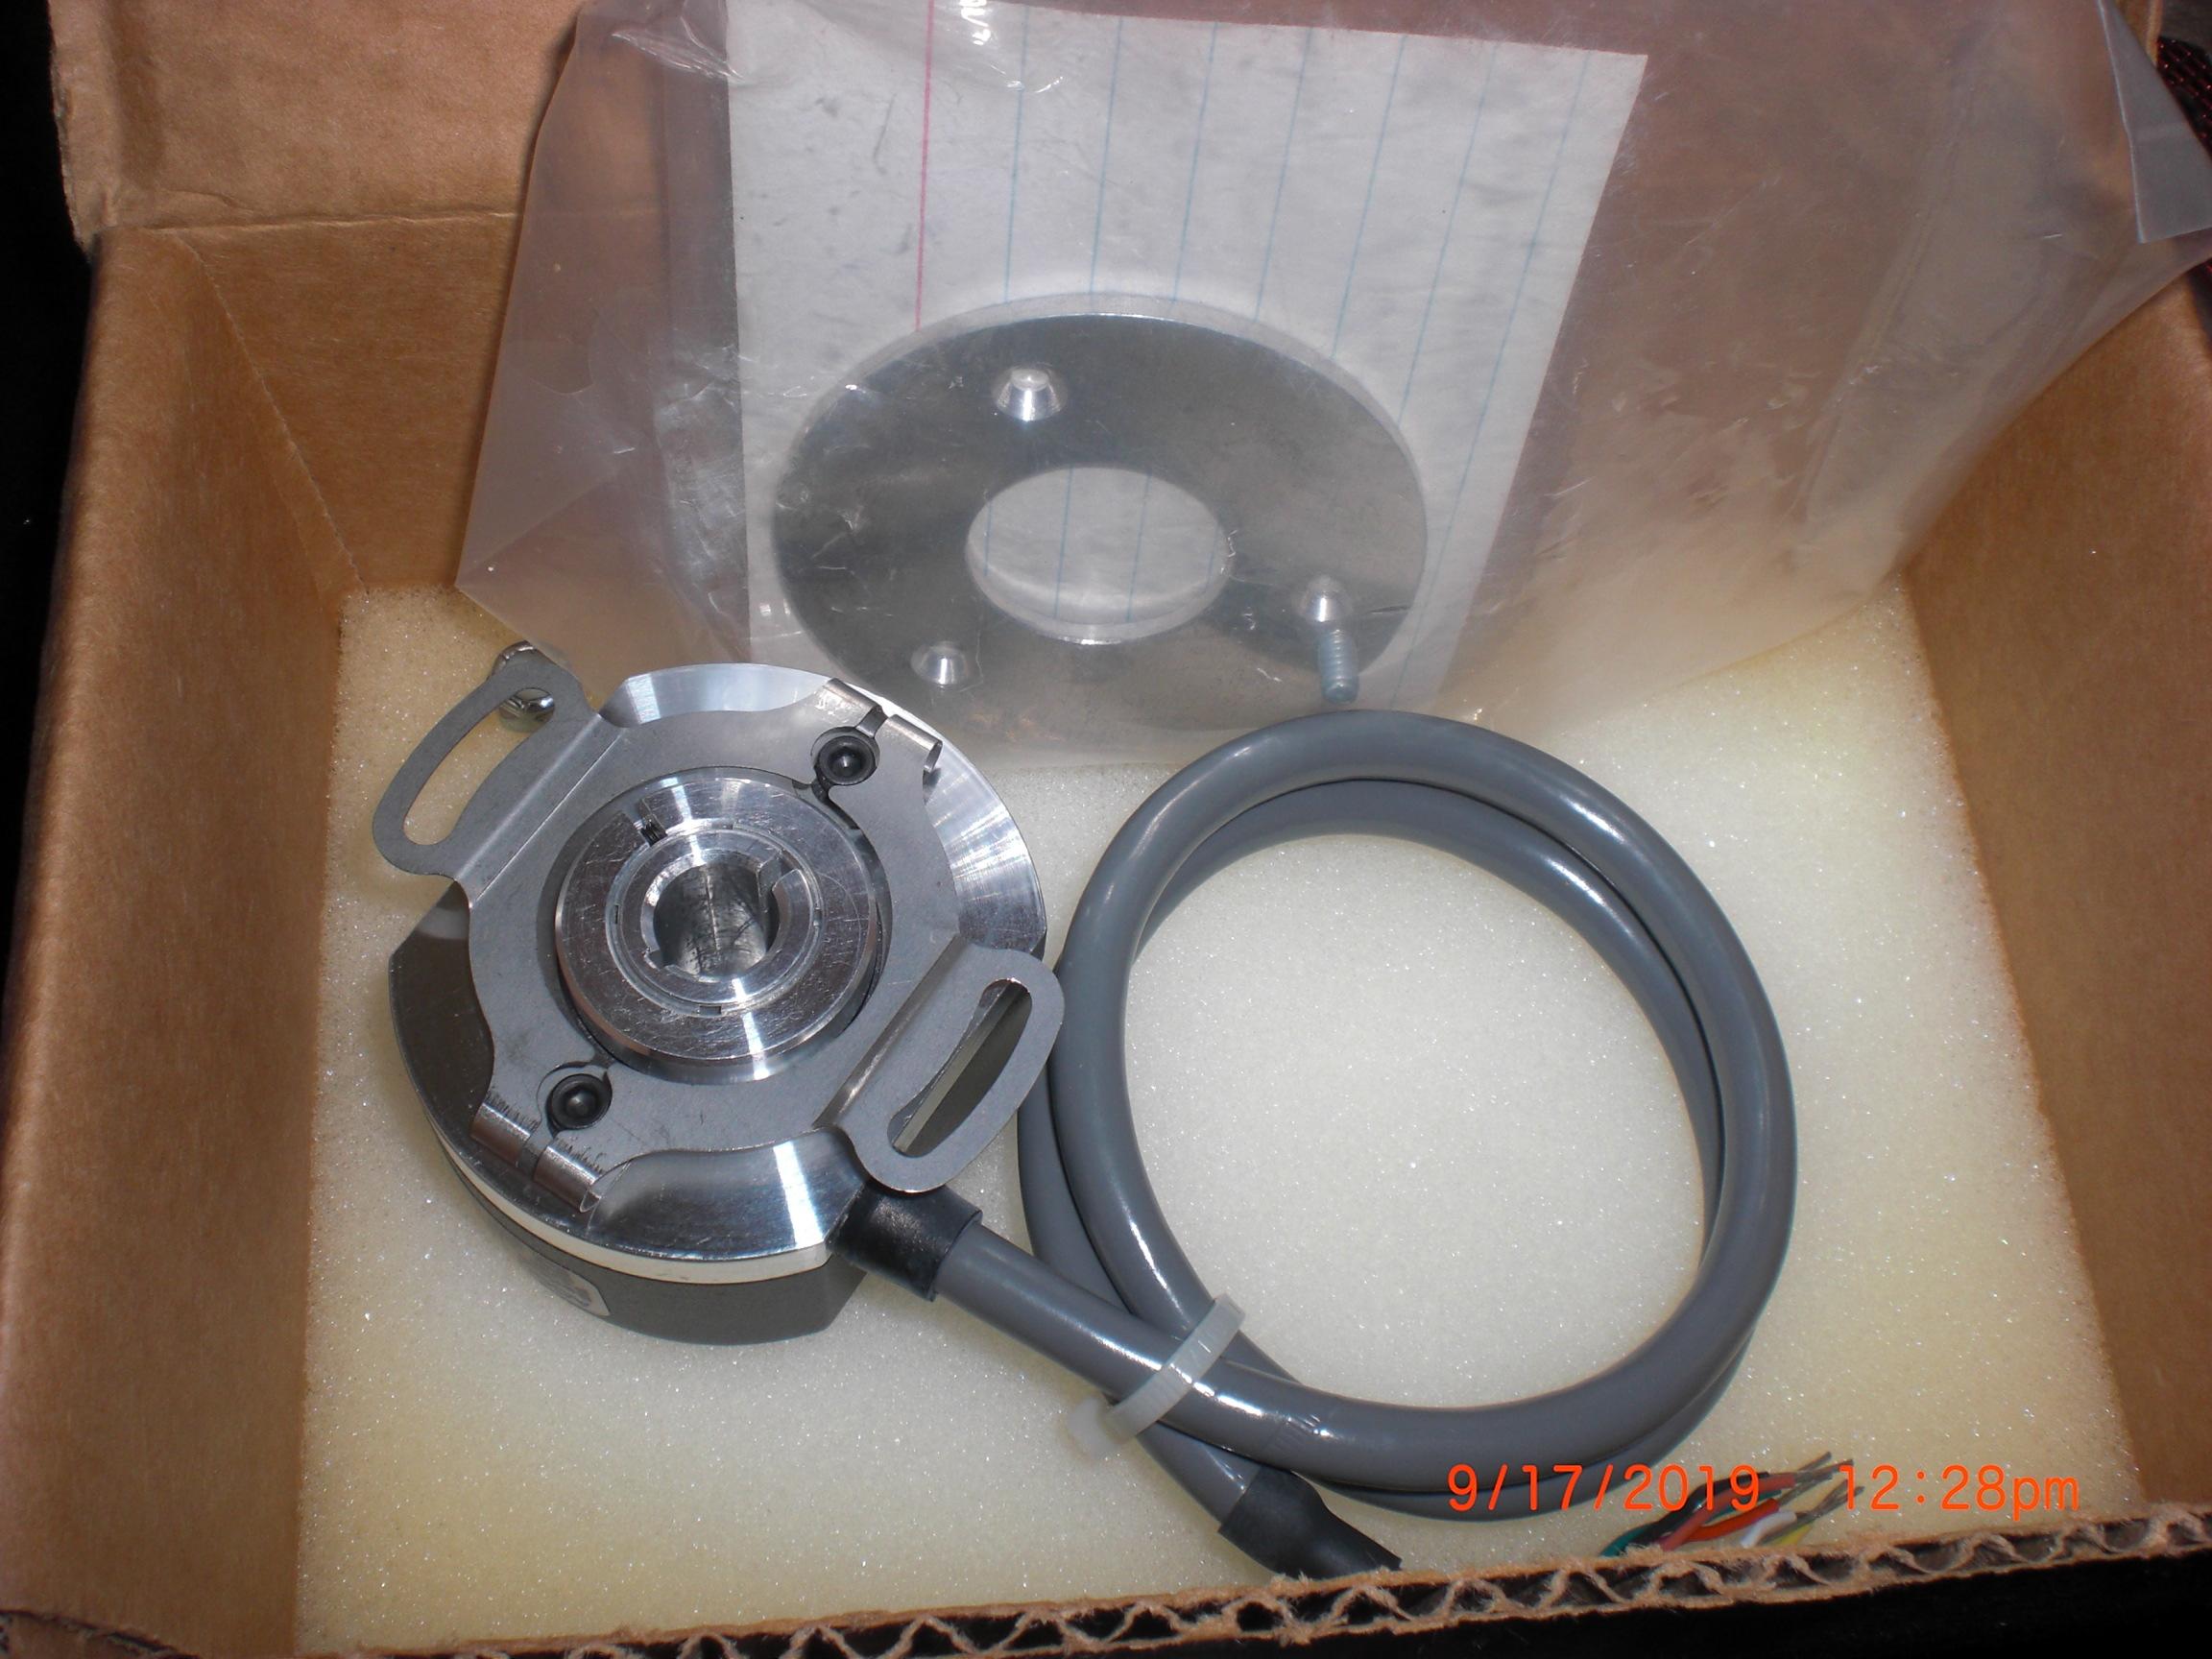 Encoder ACCU-CODER 260-n-b-02-h-0200-q-hv-1-s-sf-3-n